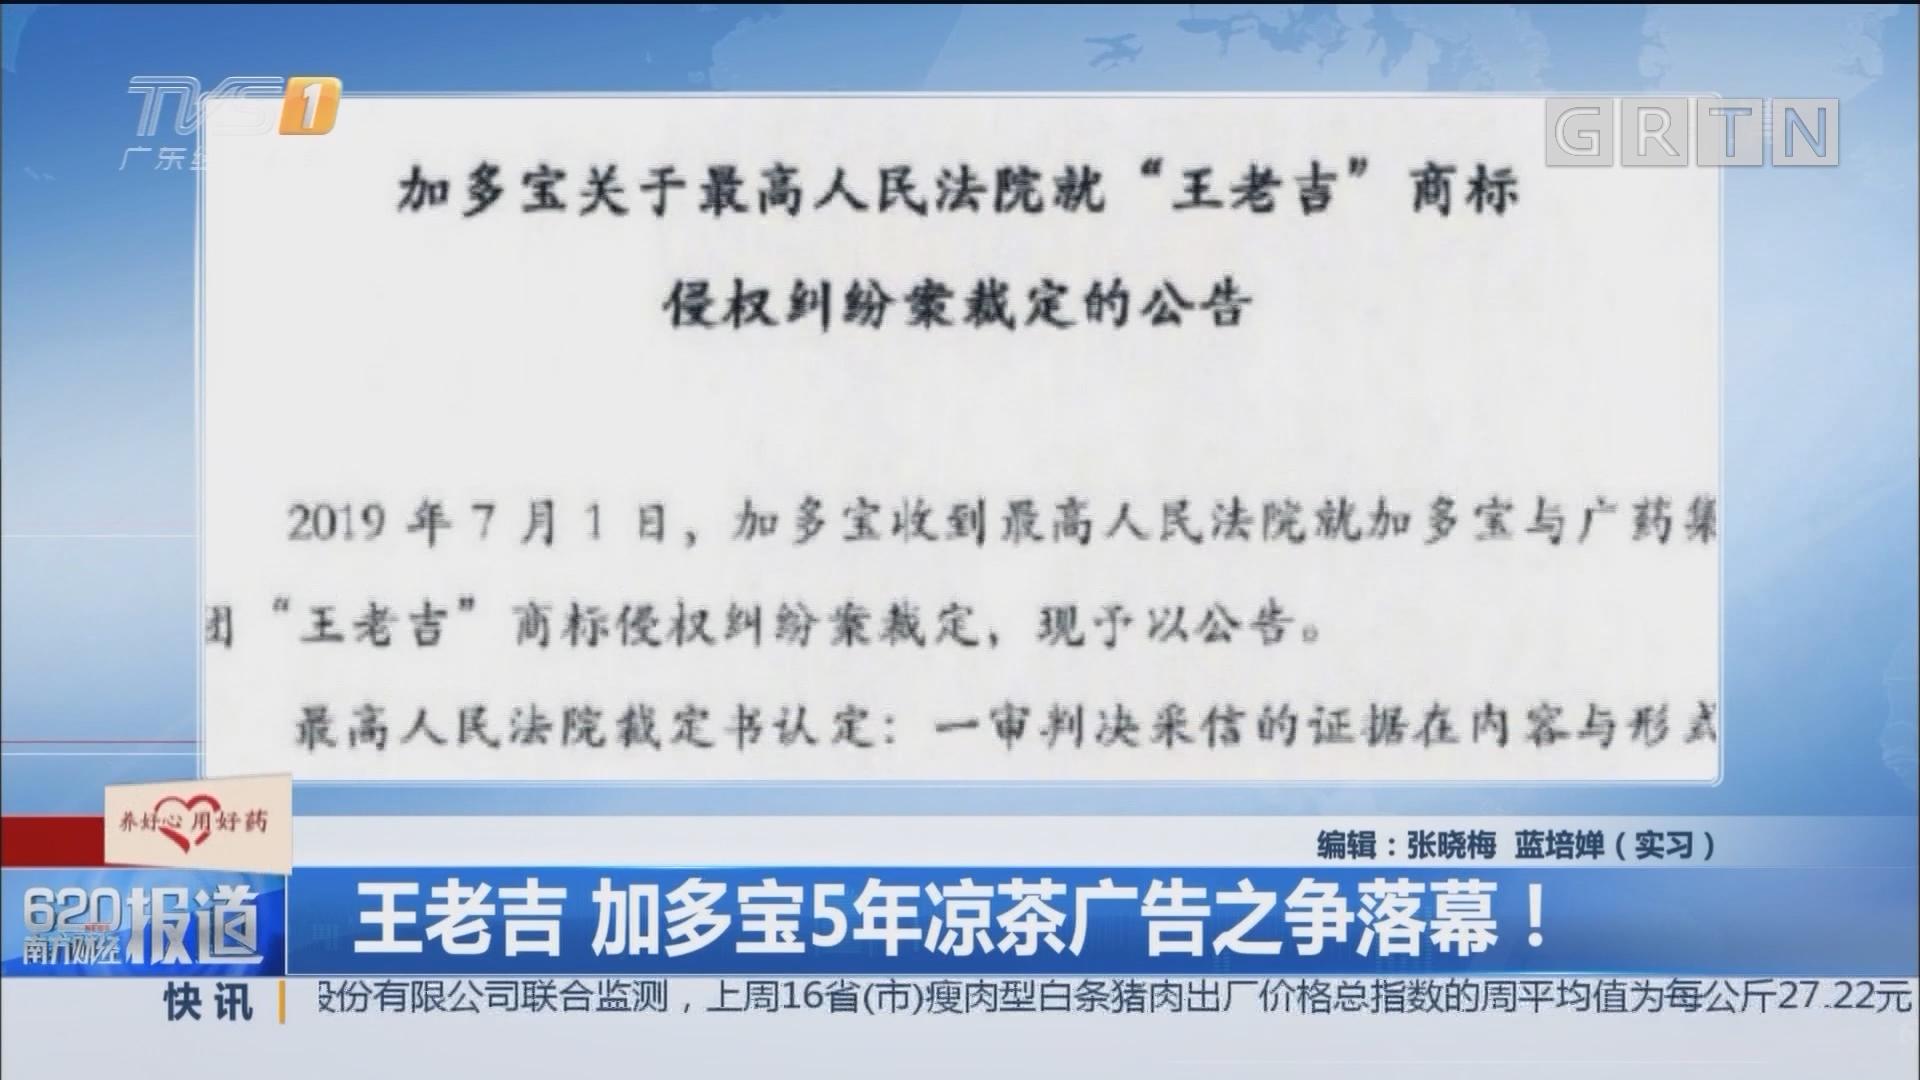 王老吉 加多宝5年凉茶广告之争落幕!